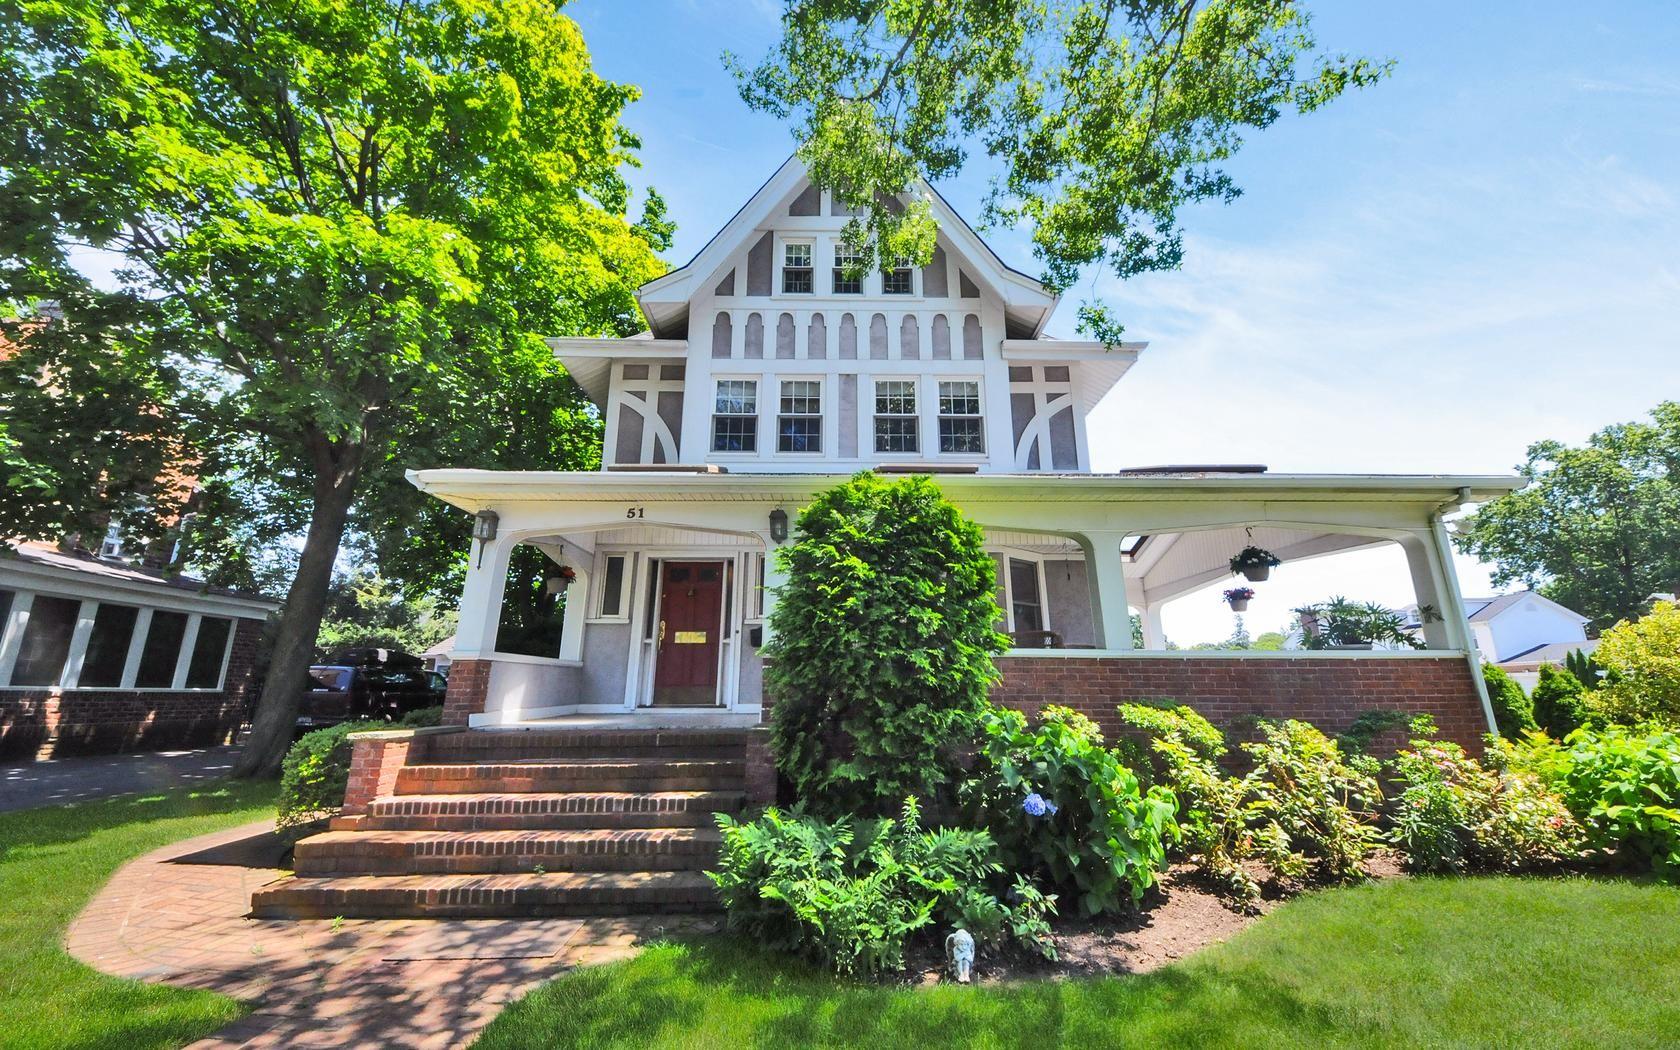 Garden City NY Homes | 51 Euston Rd Garden City, NY 11530 | Real ...